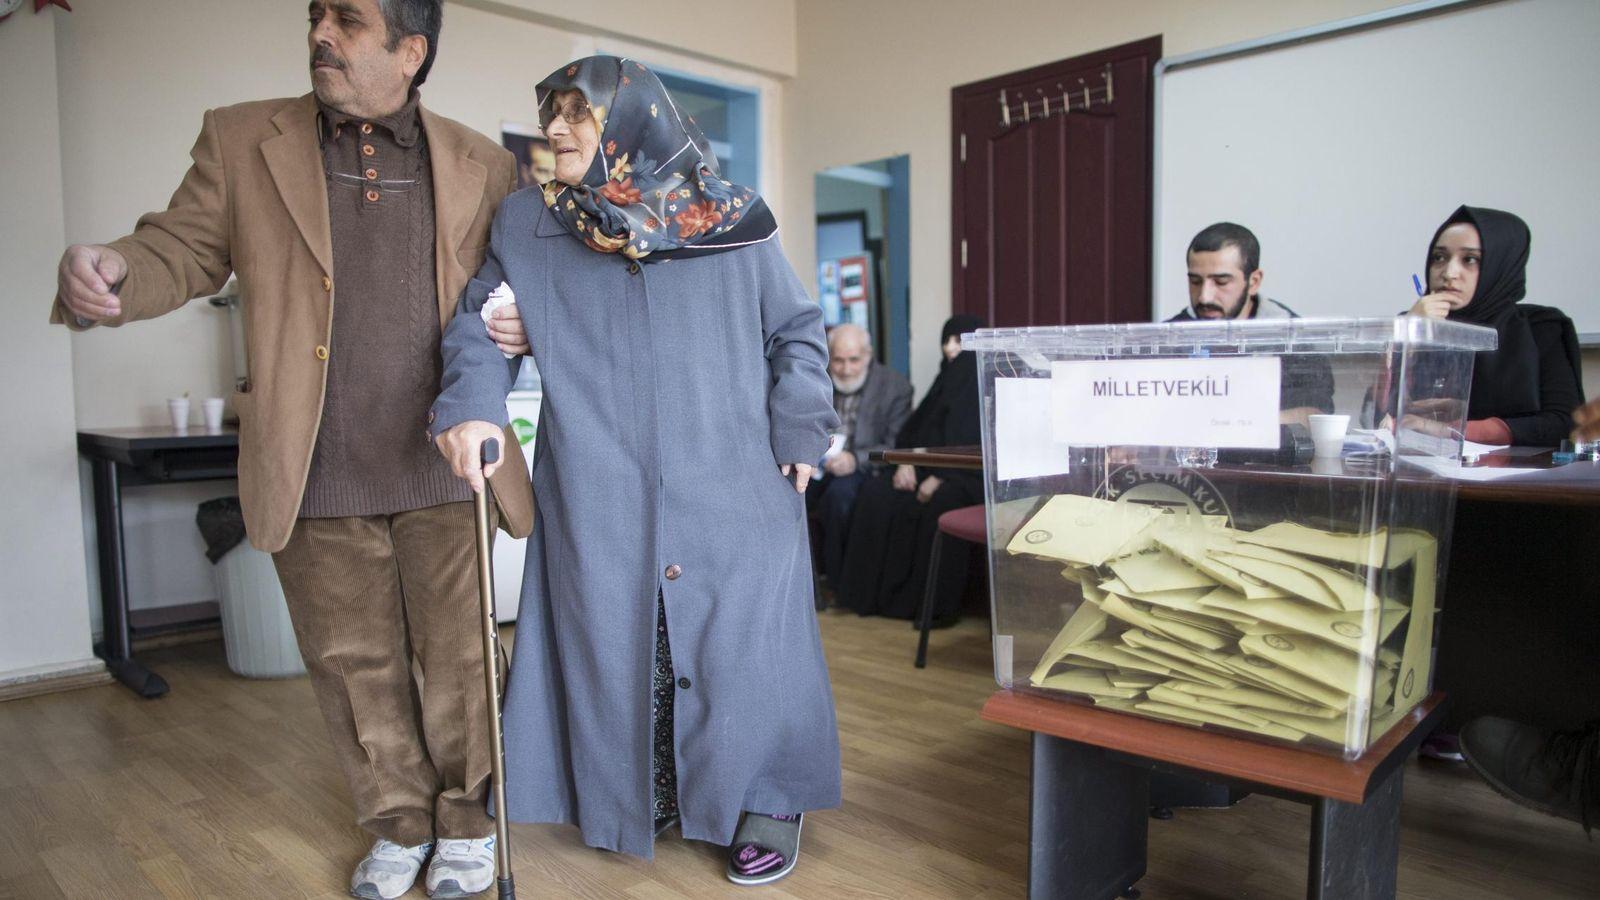 Foto: Un ciudadano turco acude con su madre a votar en Estambul, 1 de noviembre de 2015 (EFE)